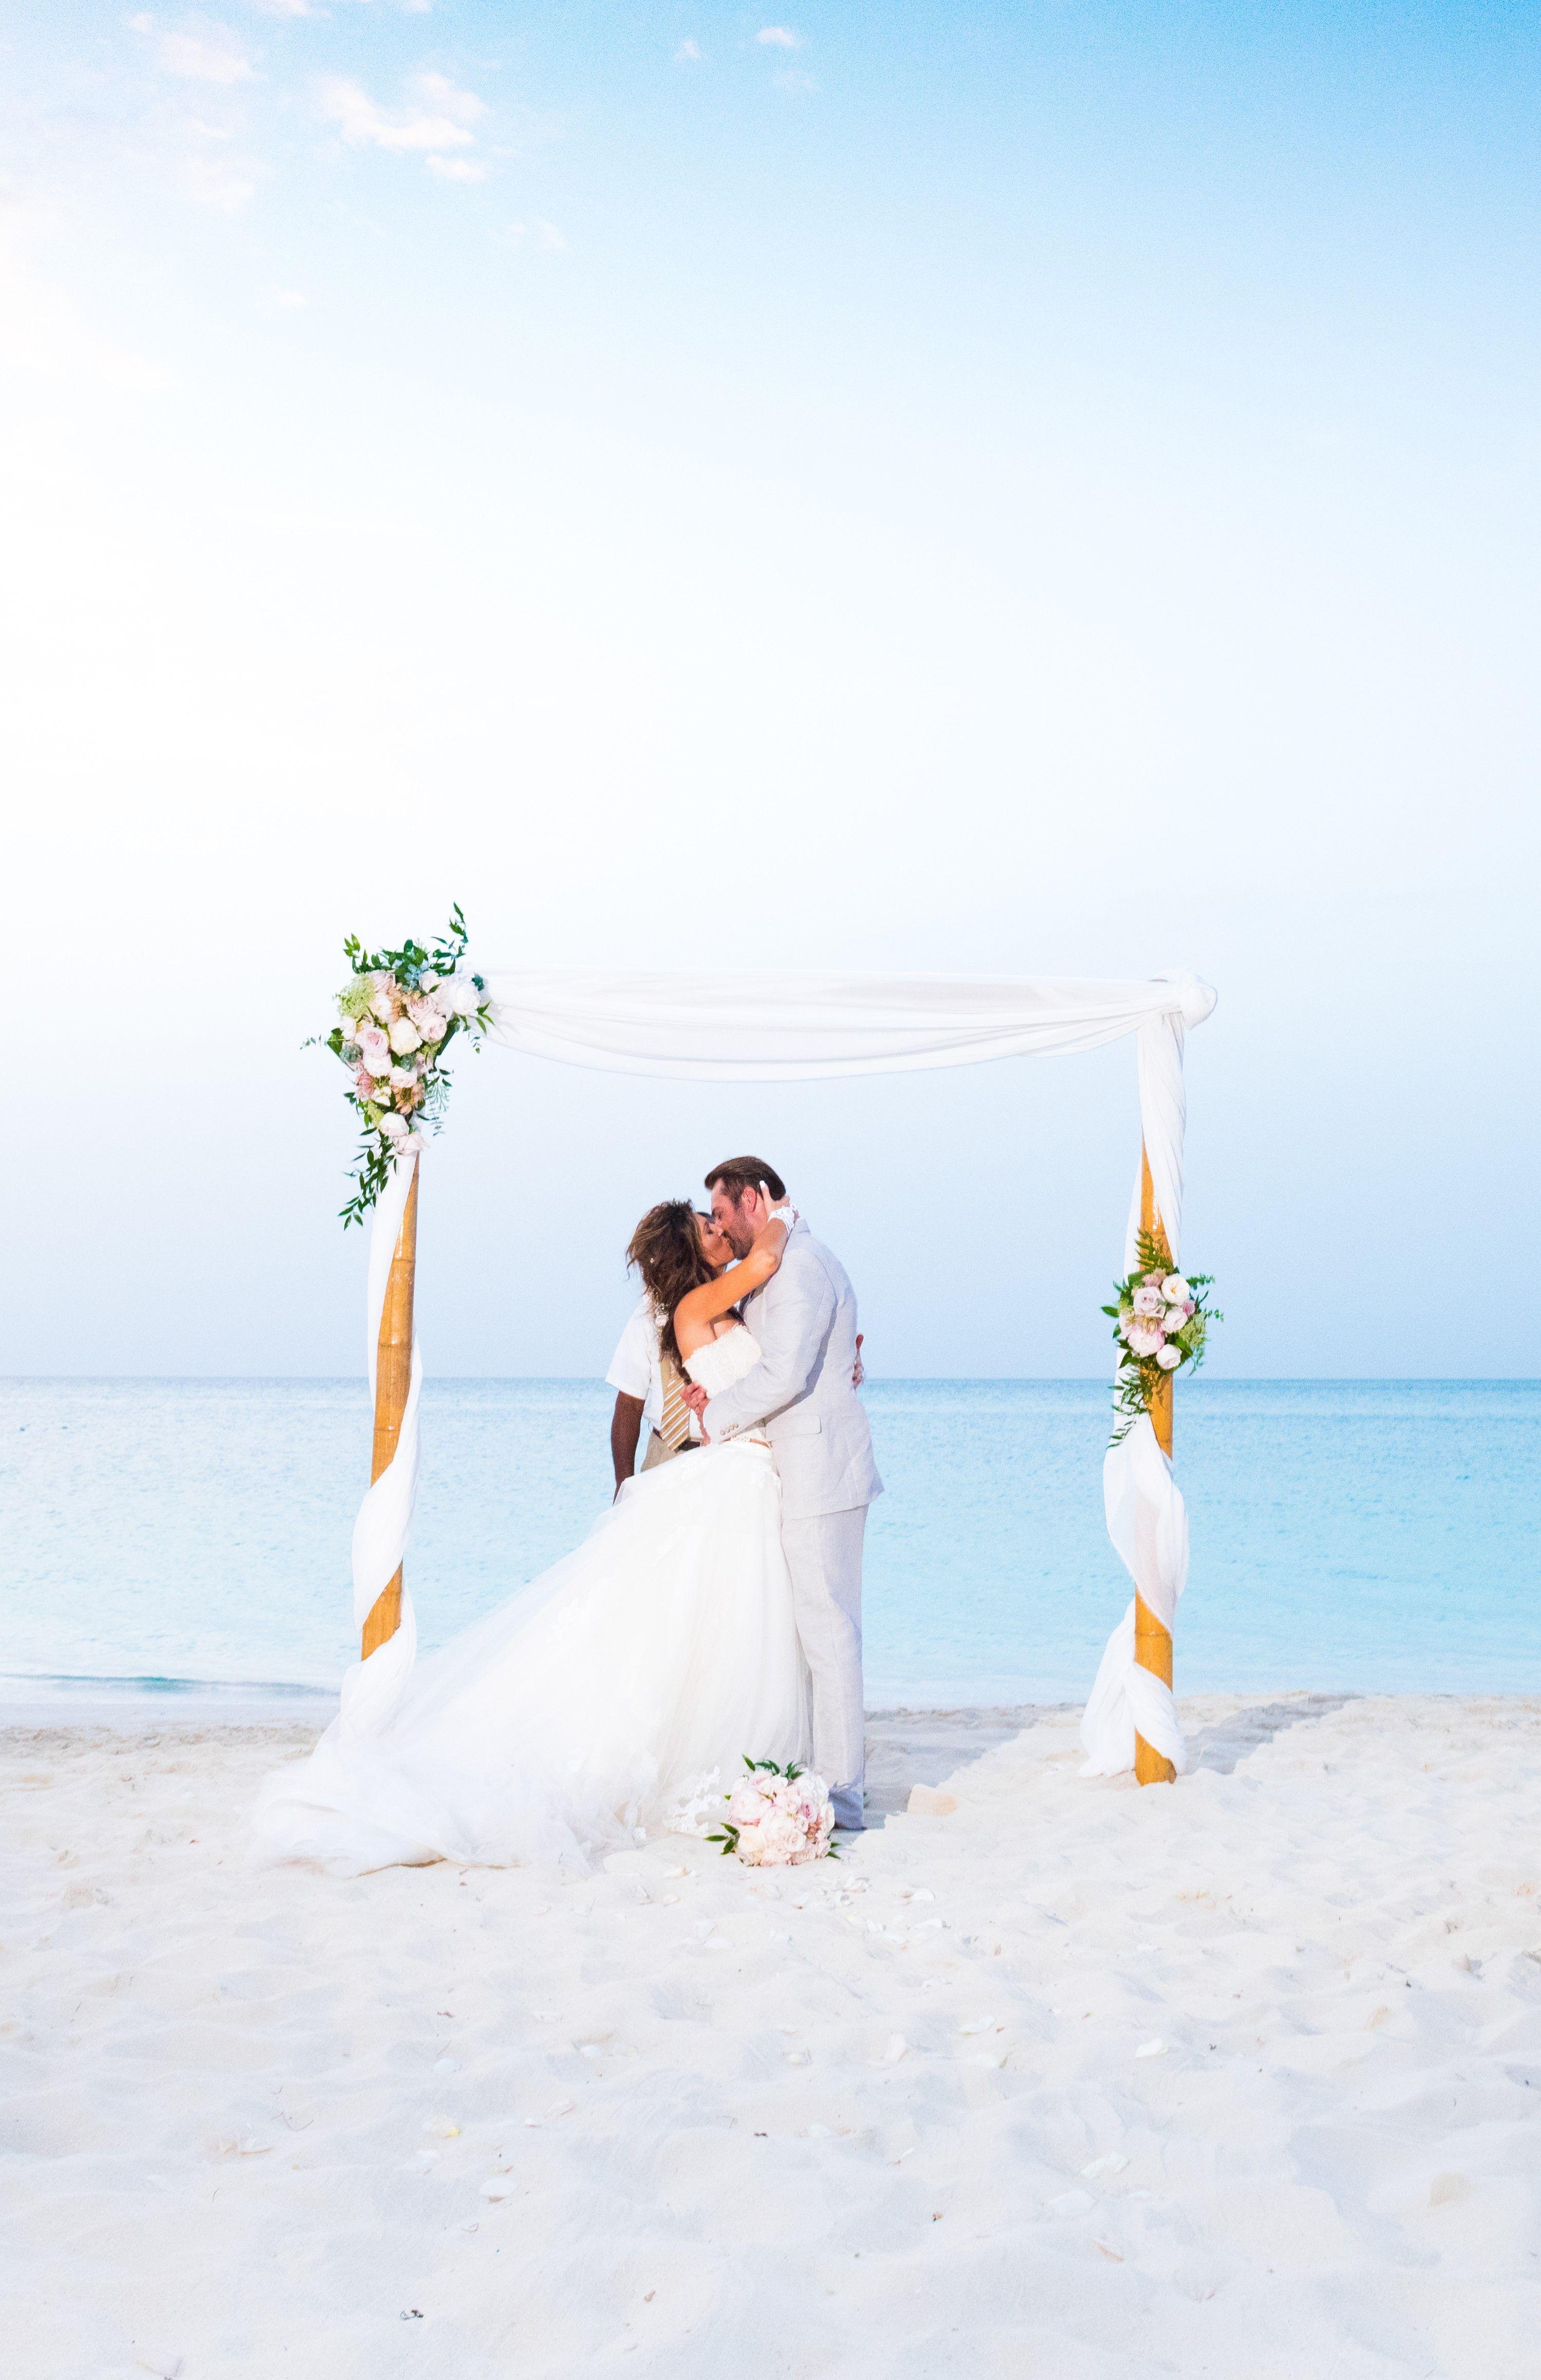 Shore Club Turks Caicos Weddings Turks And Caicos Wedding Tropical Beach Wedding Turks And Caicos